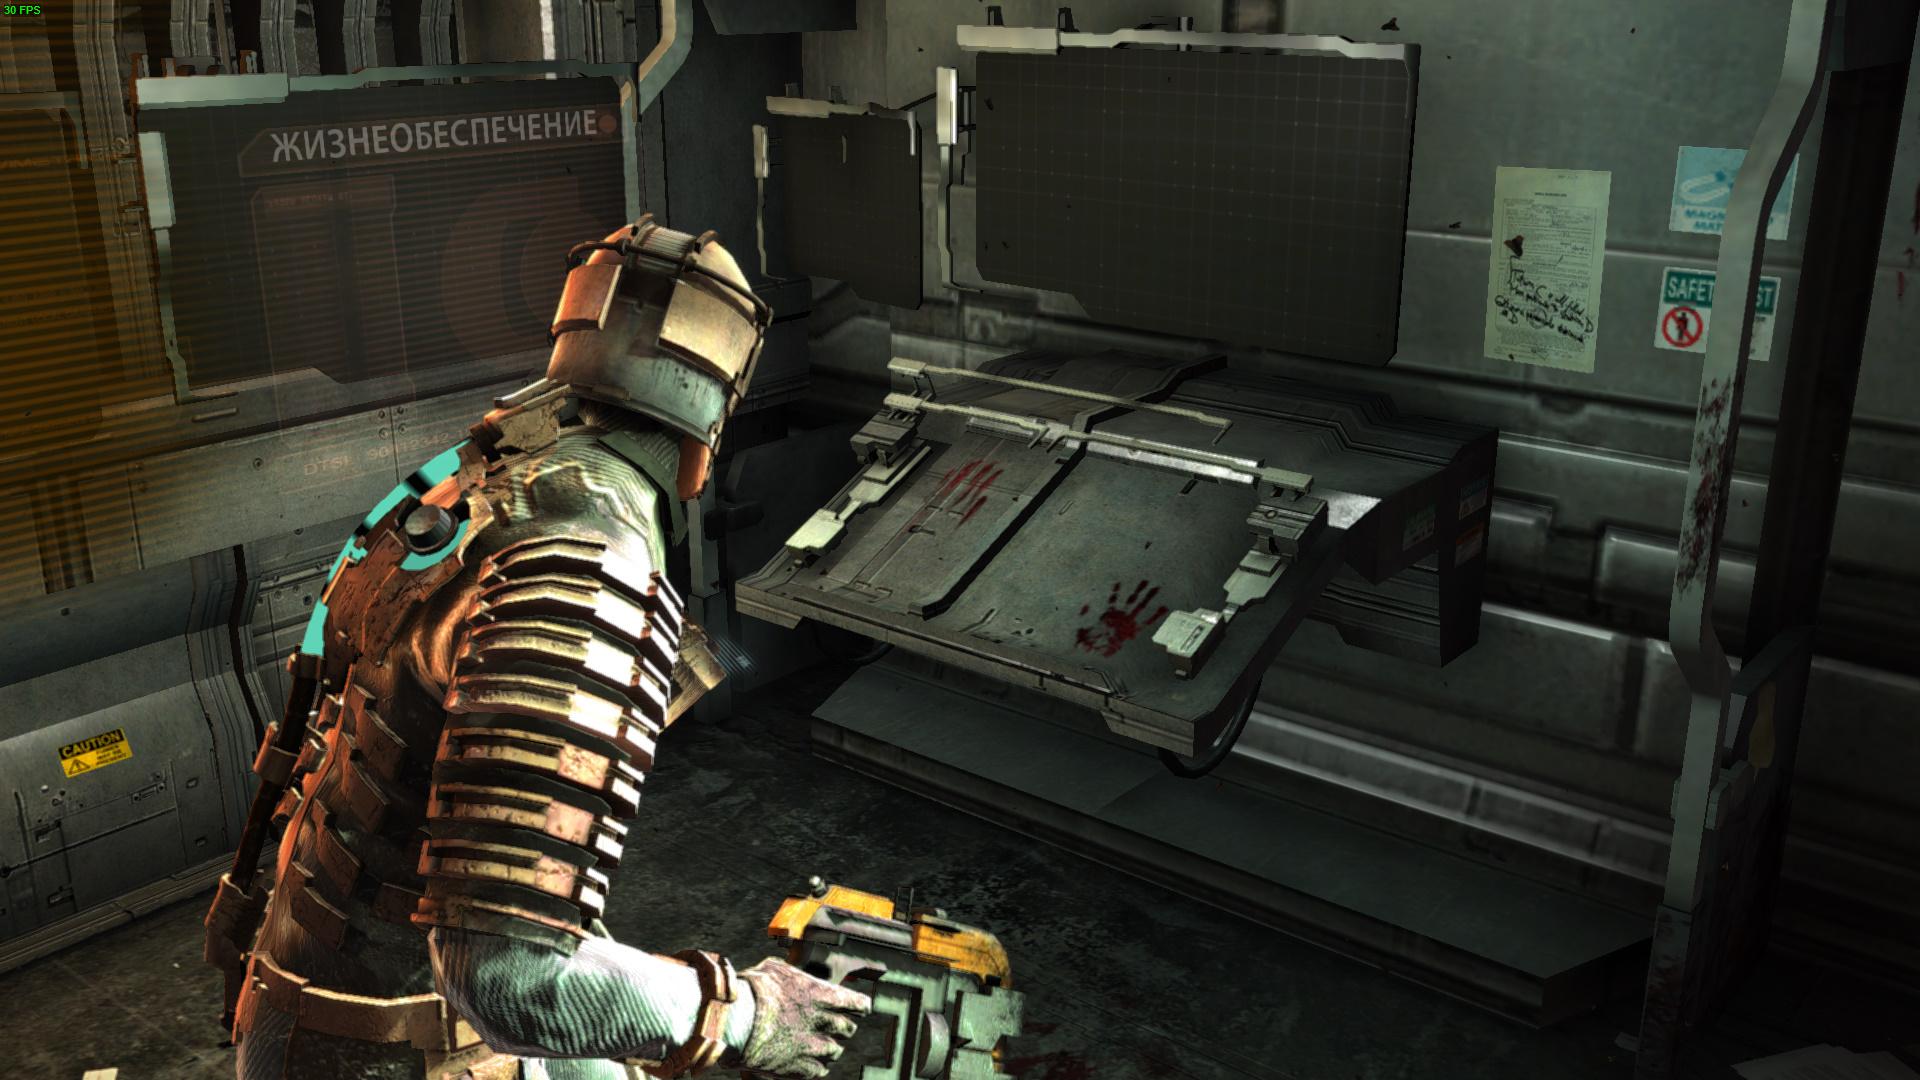 Dead Space 2017-09-13 12-24-40-023.jpg - Dead Space